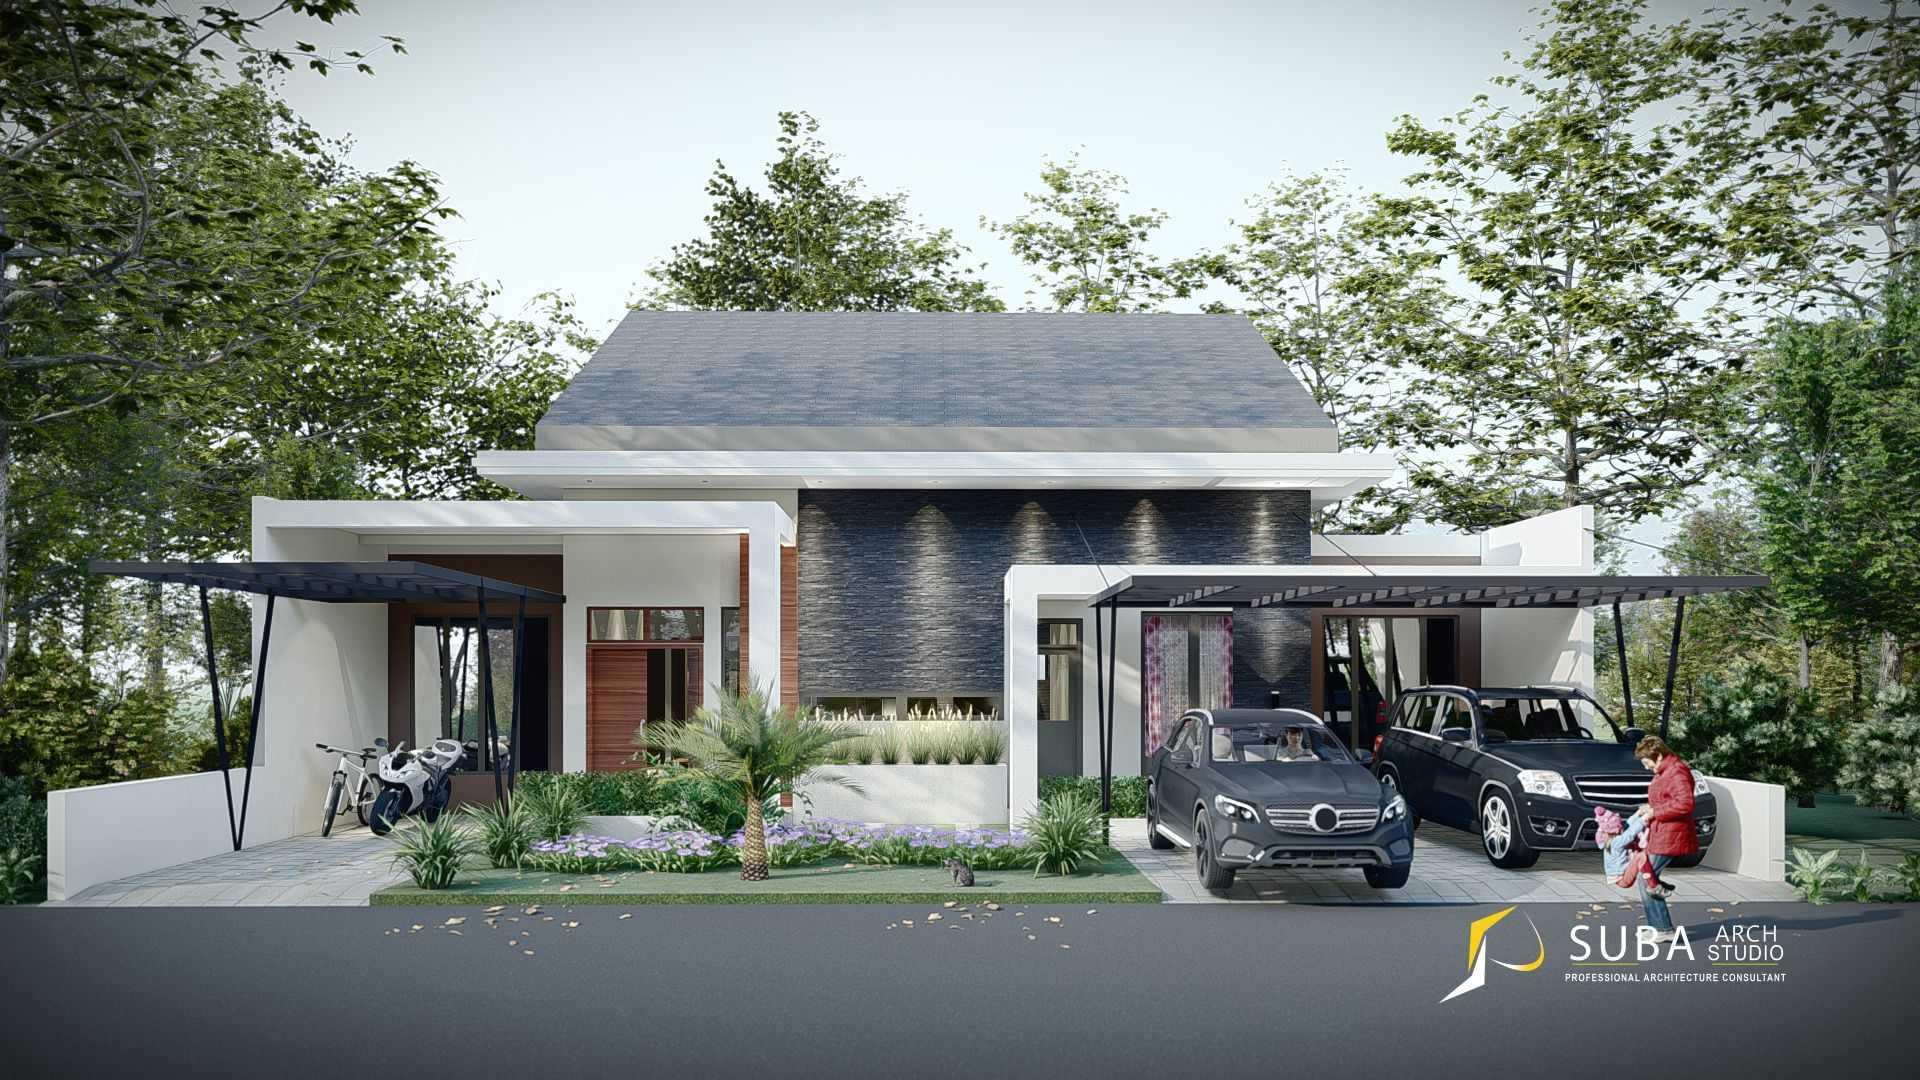 Suba-Arch Se House Tanggerang Selatan Kota Tangerang Selatan, Banten, Indonesia Kota Tangerang Selatan, Banten, Indonesia Suba-Arch-Se-House-Tanggerang-Selatan  81308